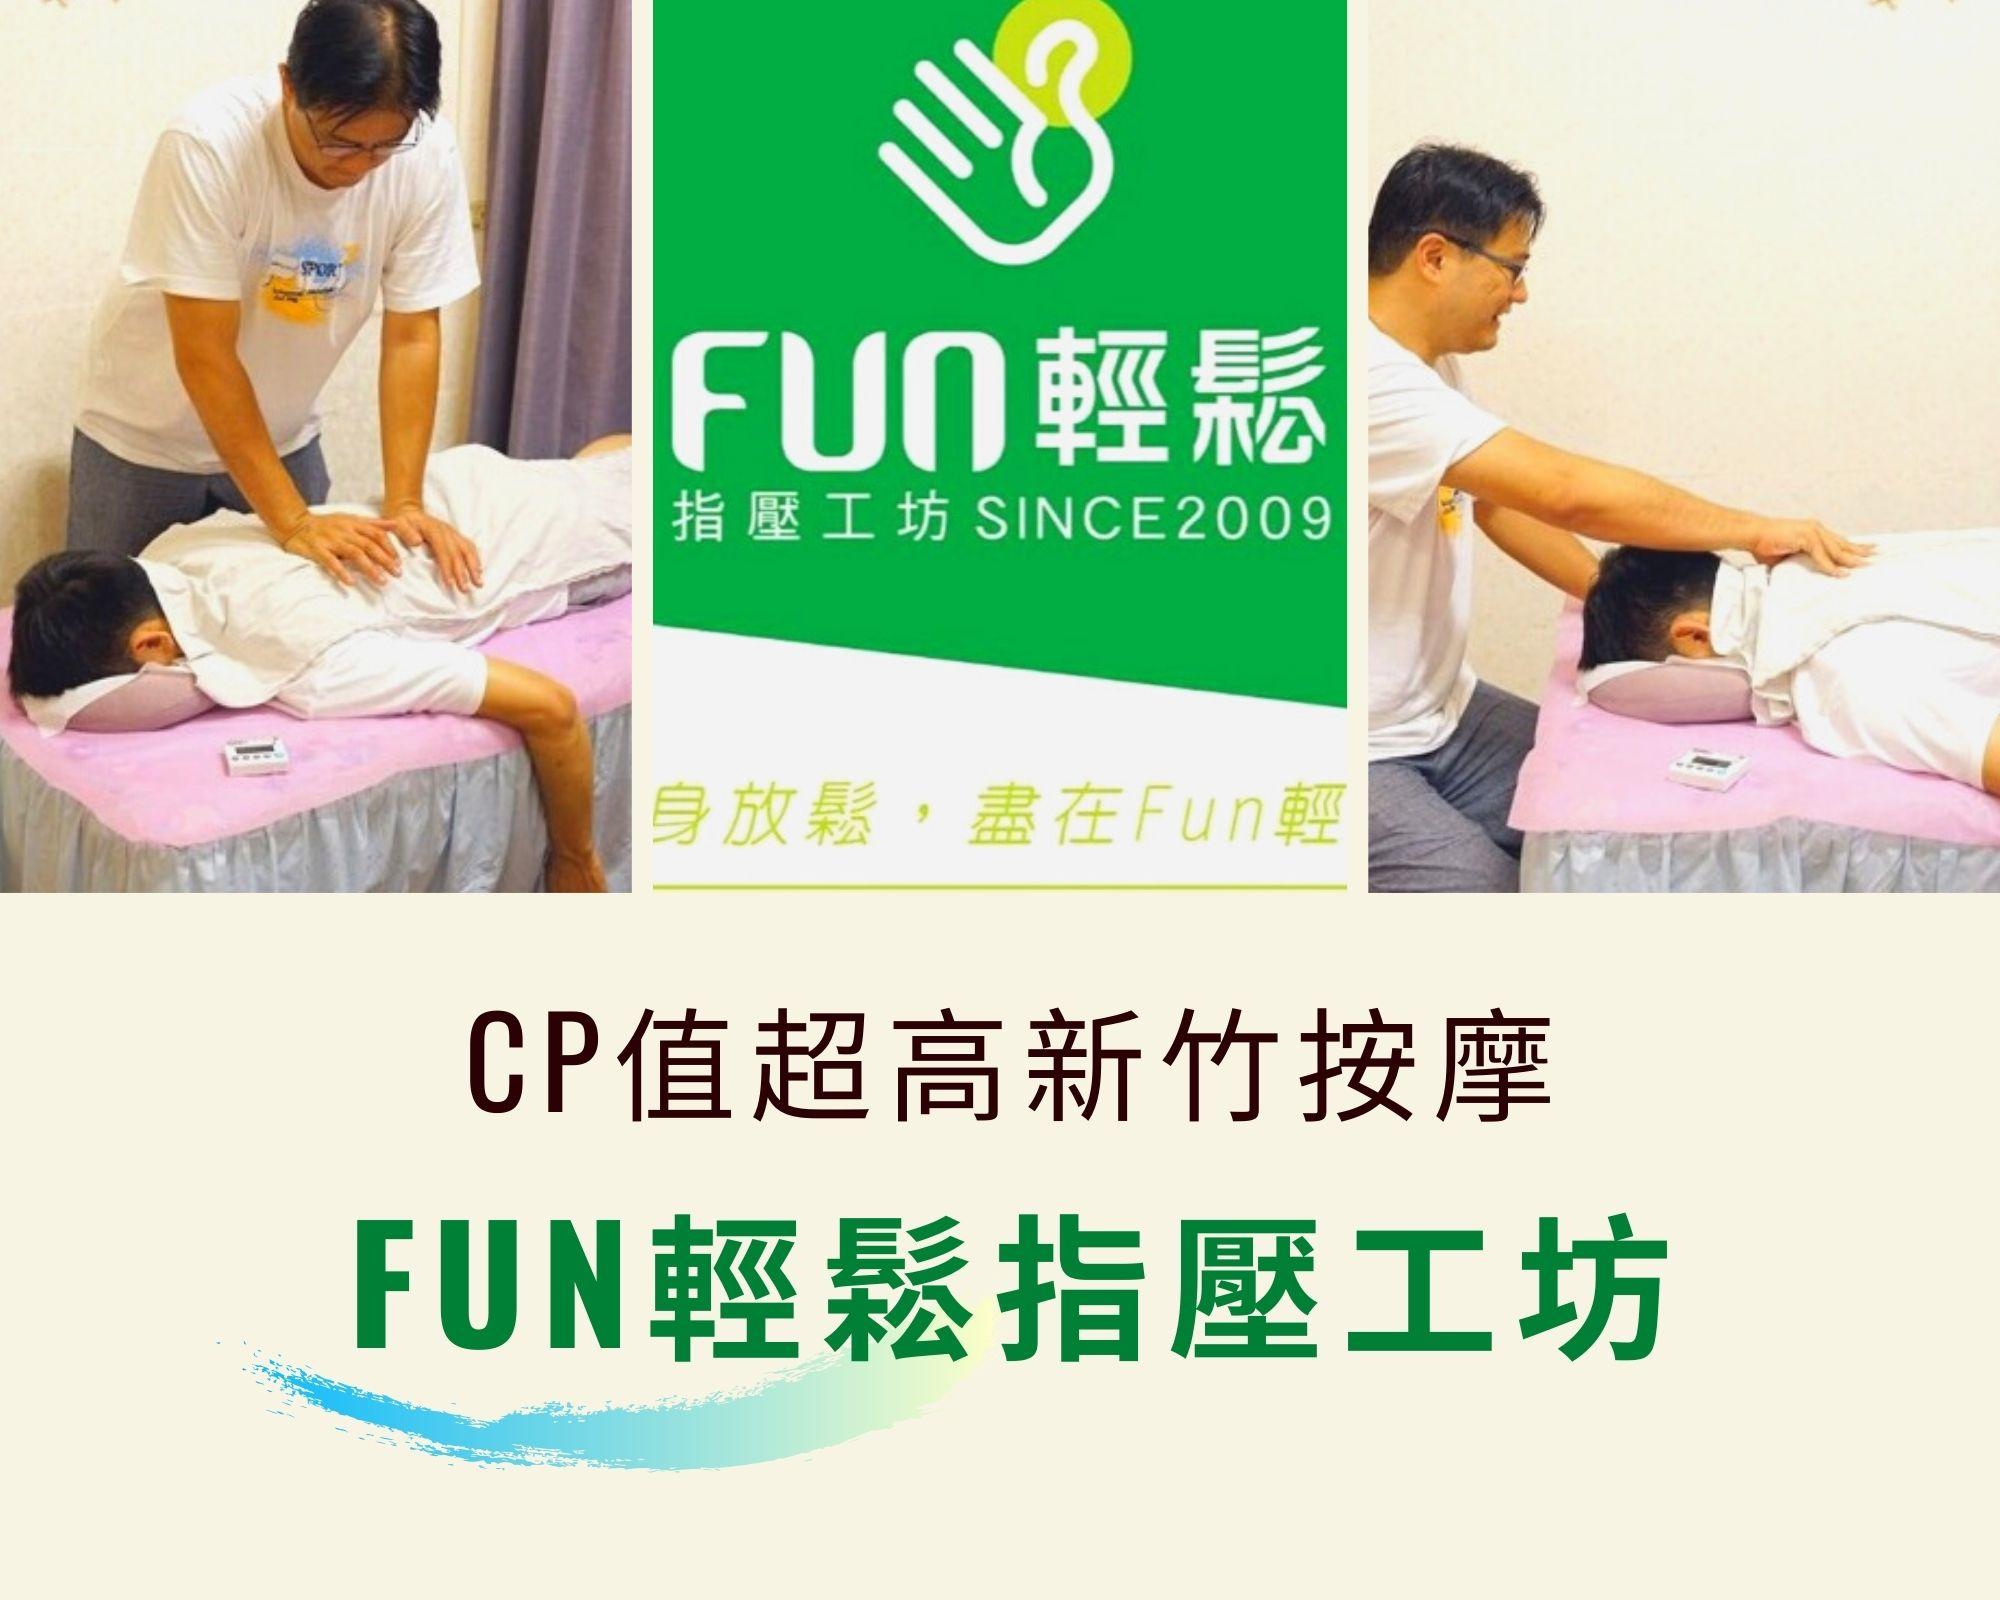 越南便宜海鮮在哪裡?胡志明市范五老街海鮮大排檔推薦懶人包整理-Ran Bien 8 @東南亞投資報告